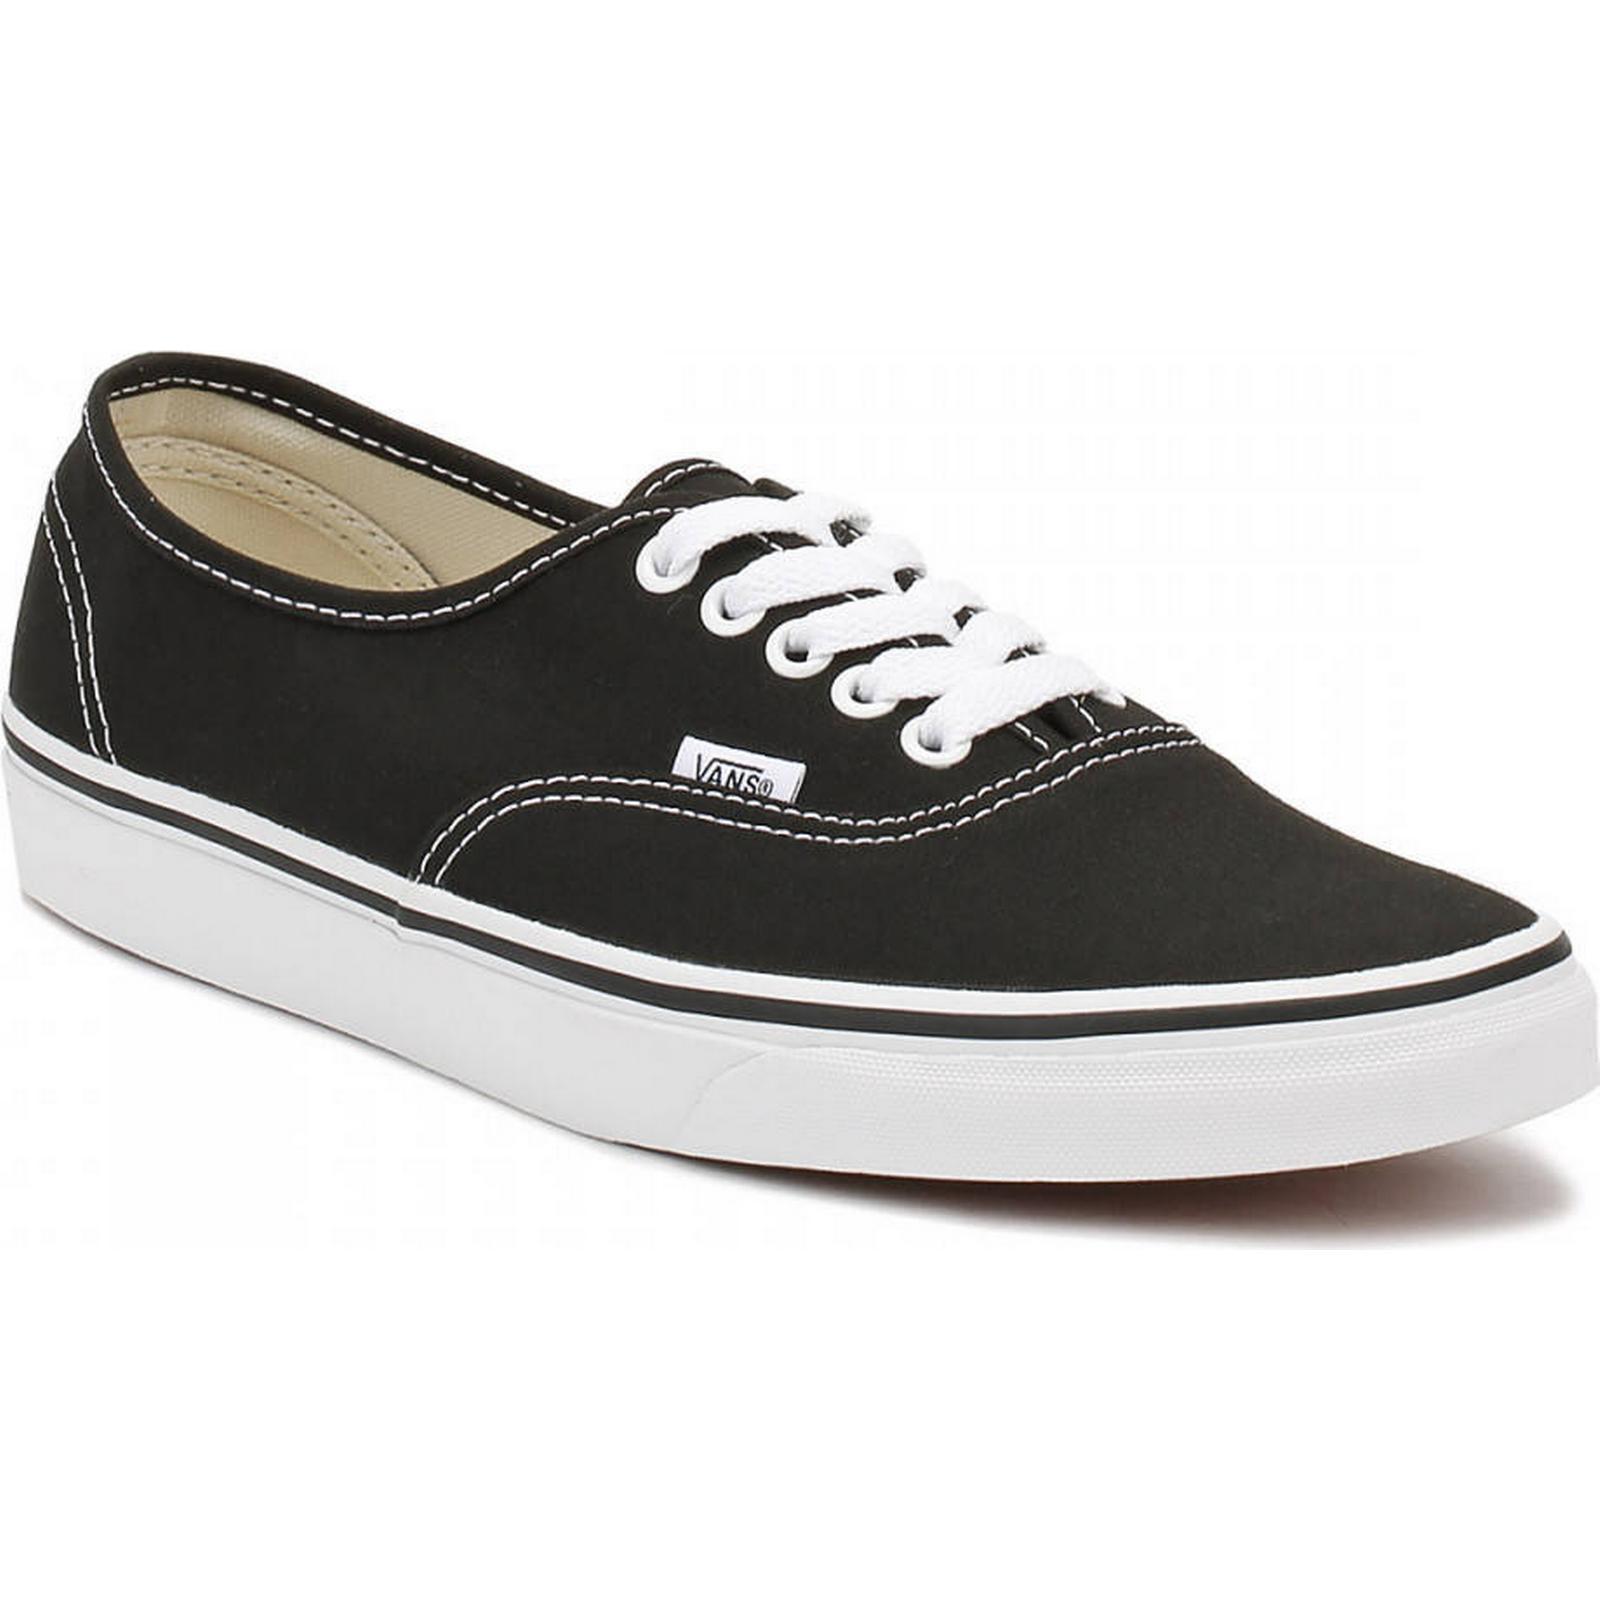 Vans Black Black Black Canvas Authentic Trainers 9458d4